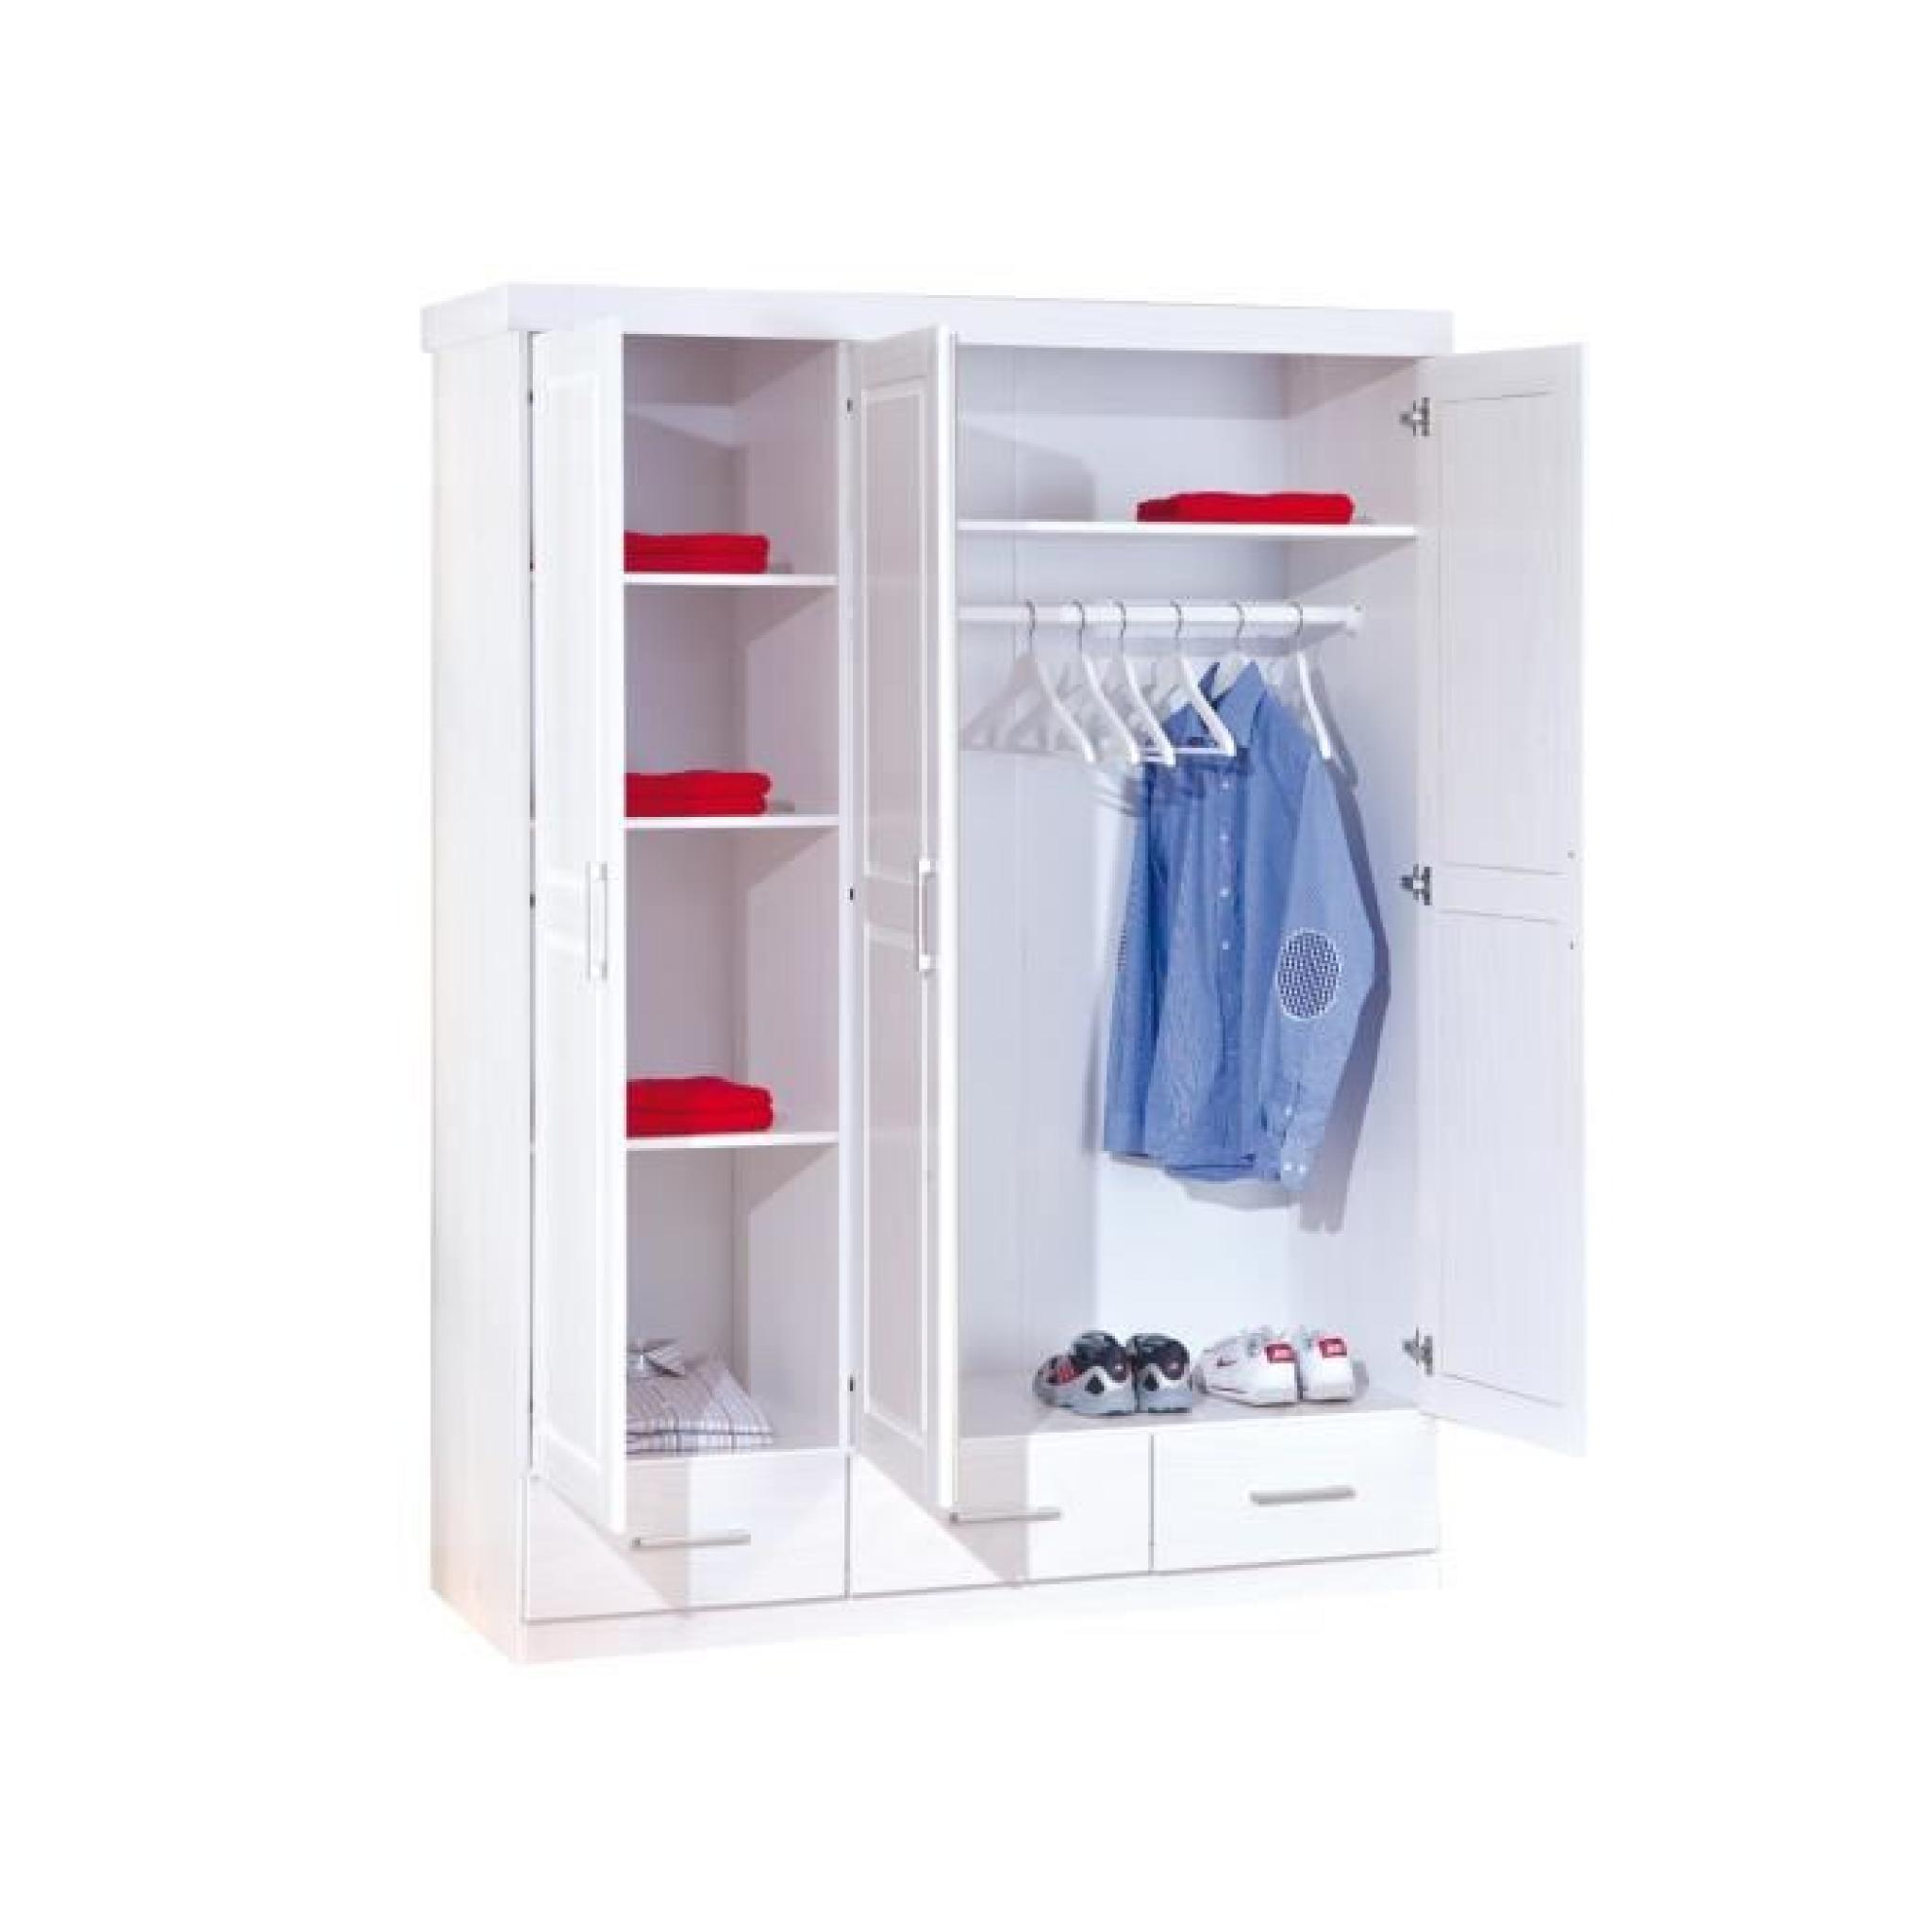 armoire 3 portes et 3 tiroir coloris blanc en bois massif achat vente armoire de chambre pas. Black Bedroom Furniture Sets. Home Design Ideas